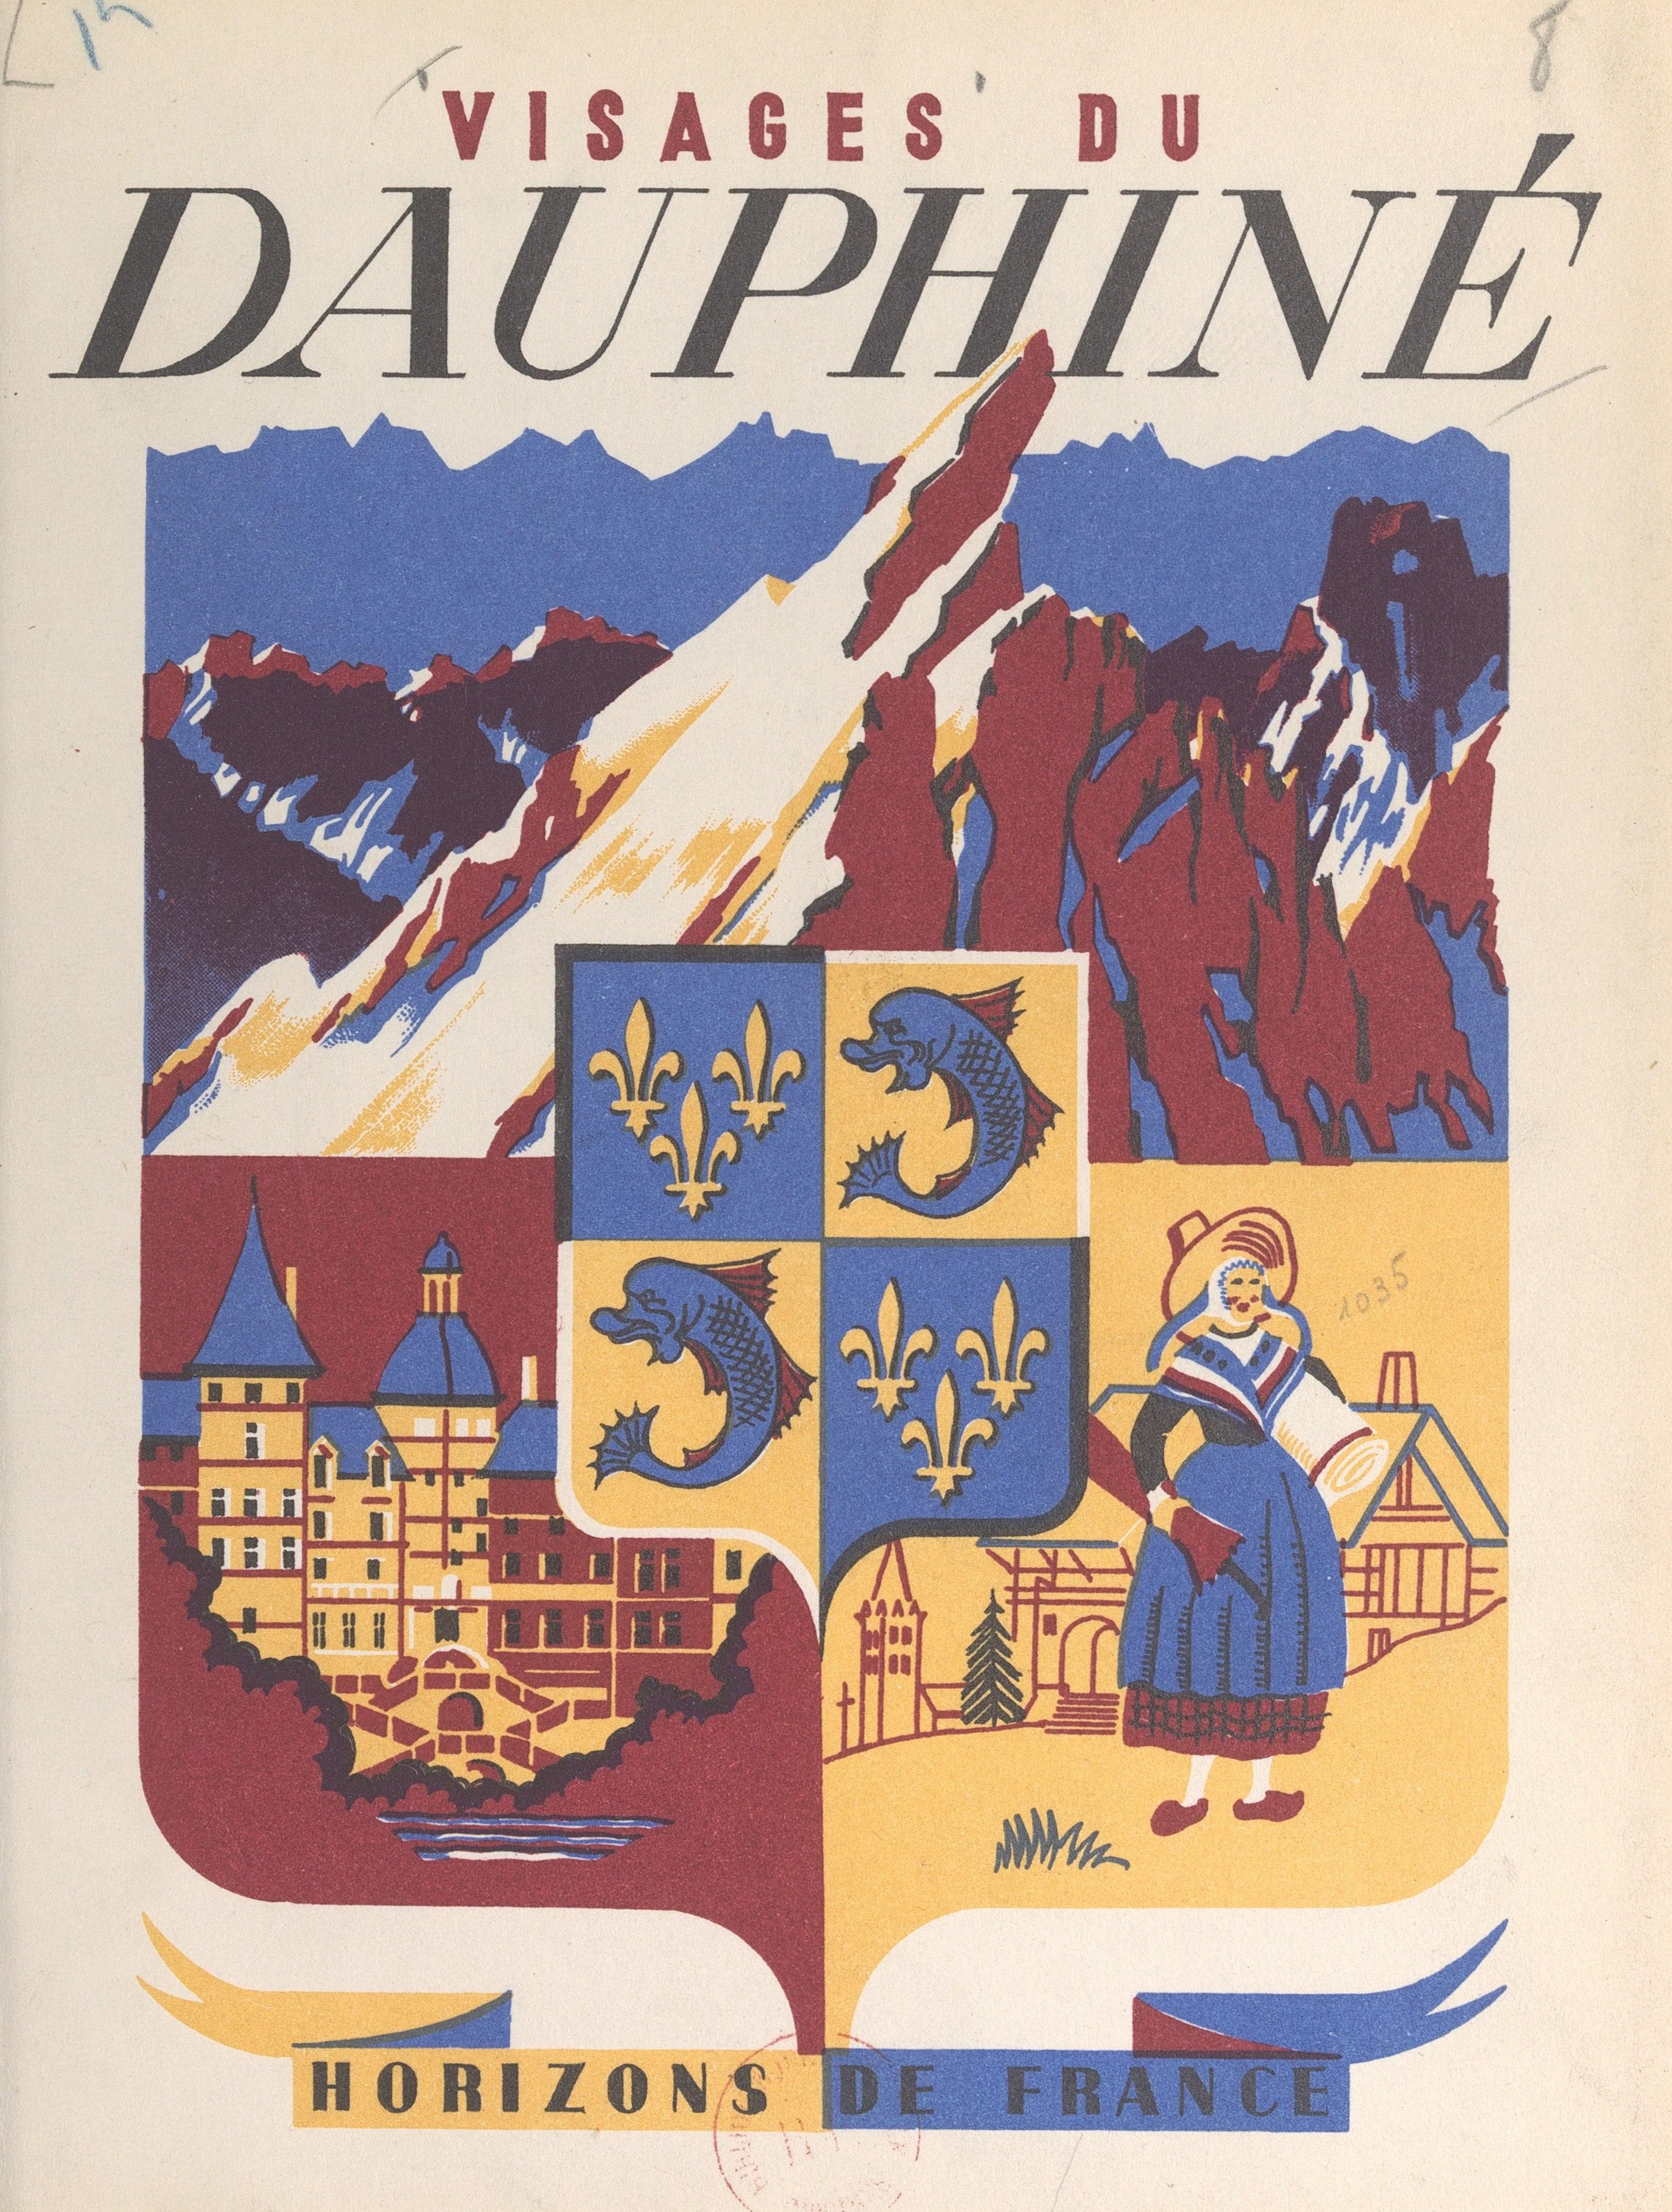 Visages du Dauphiné